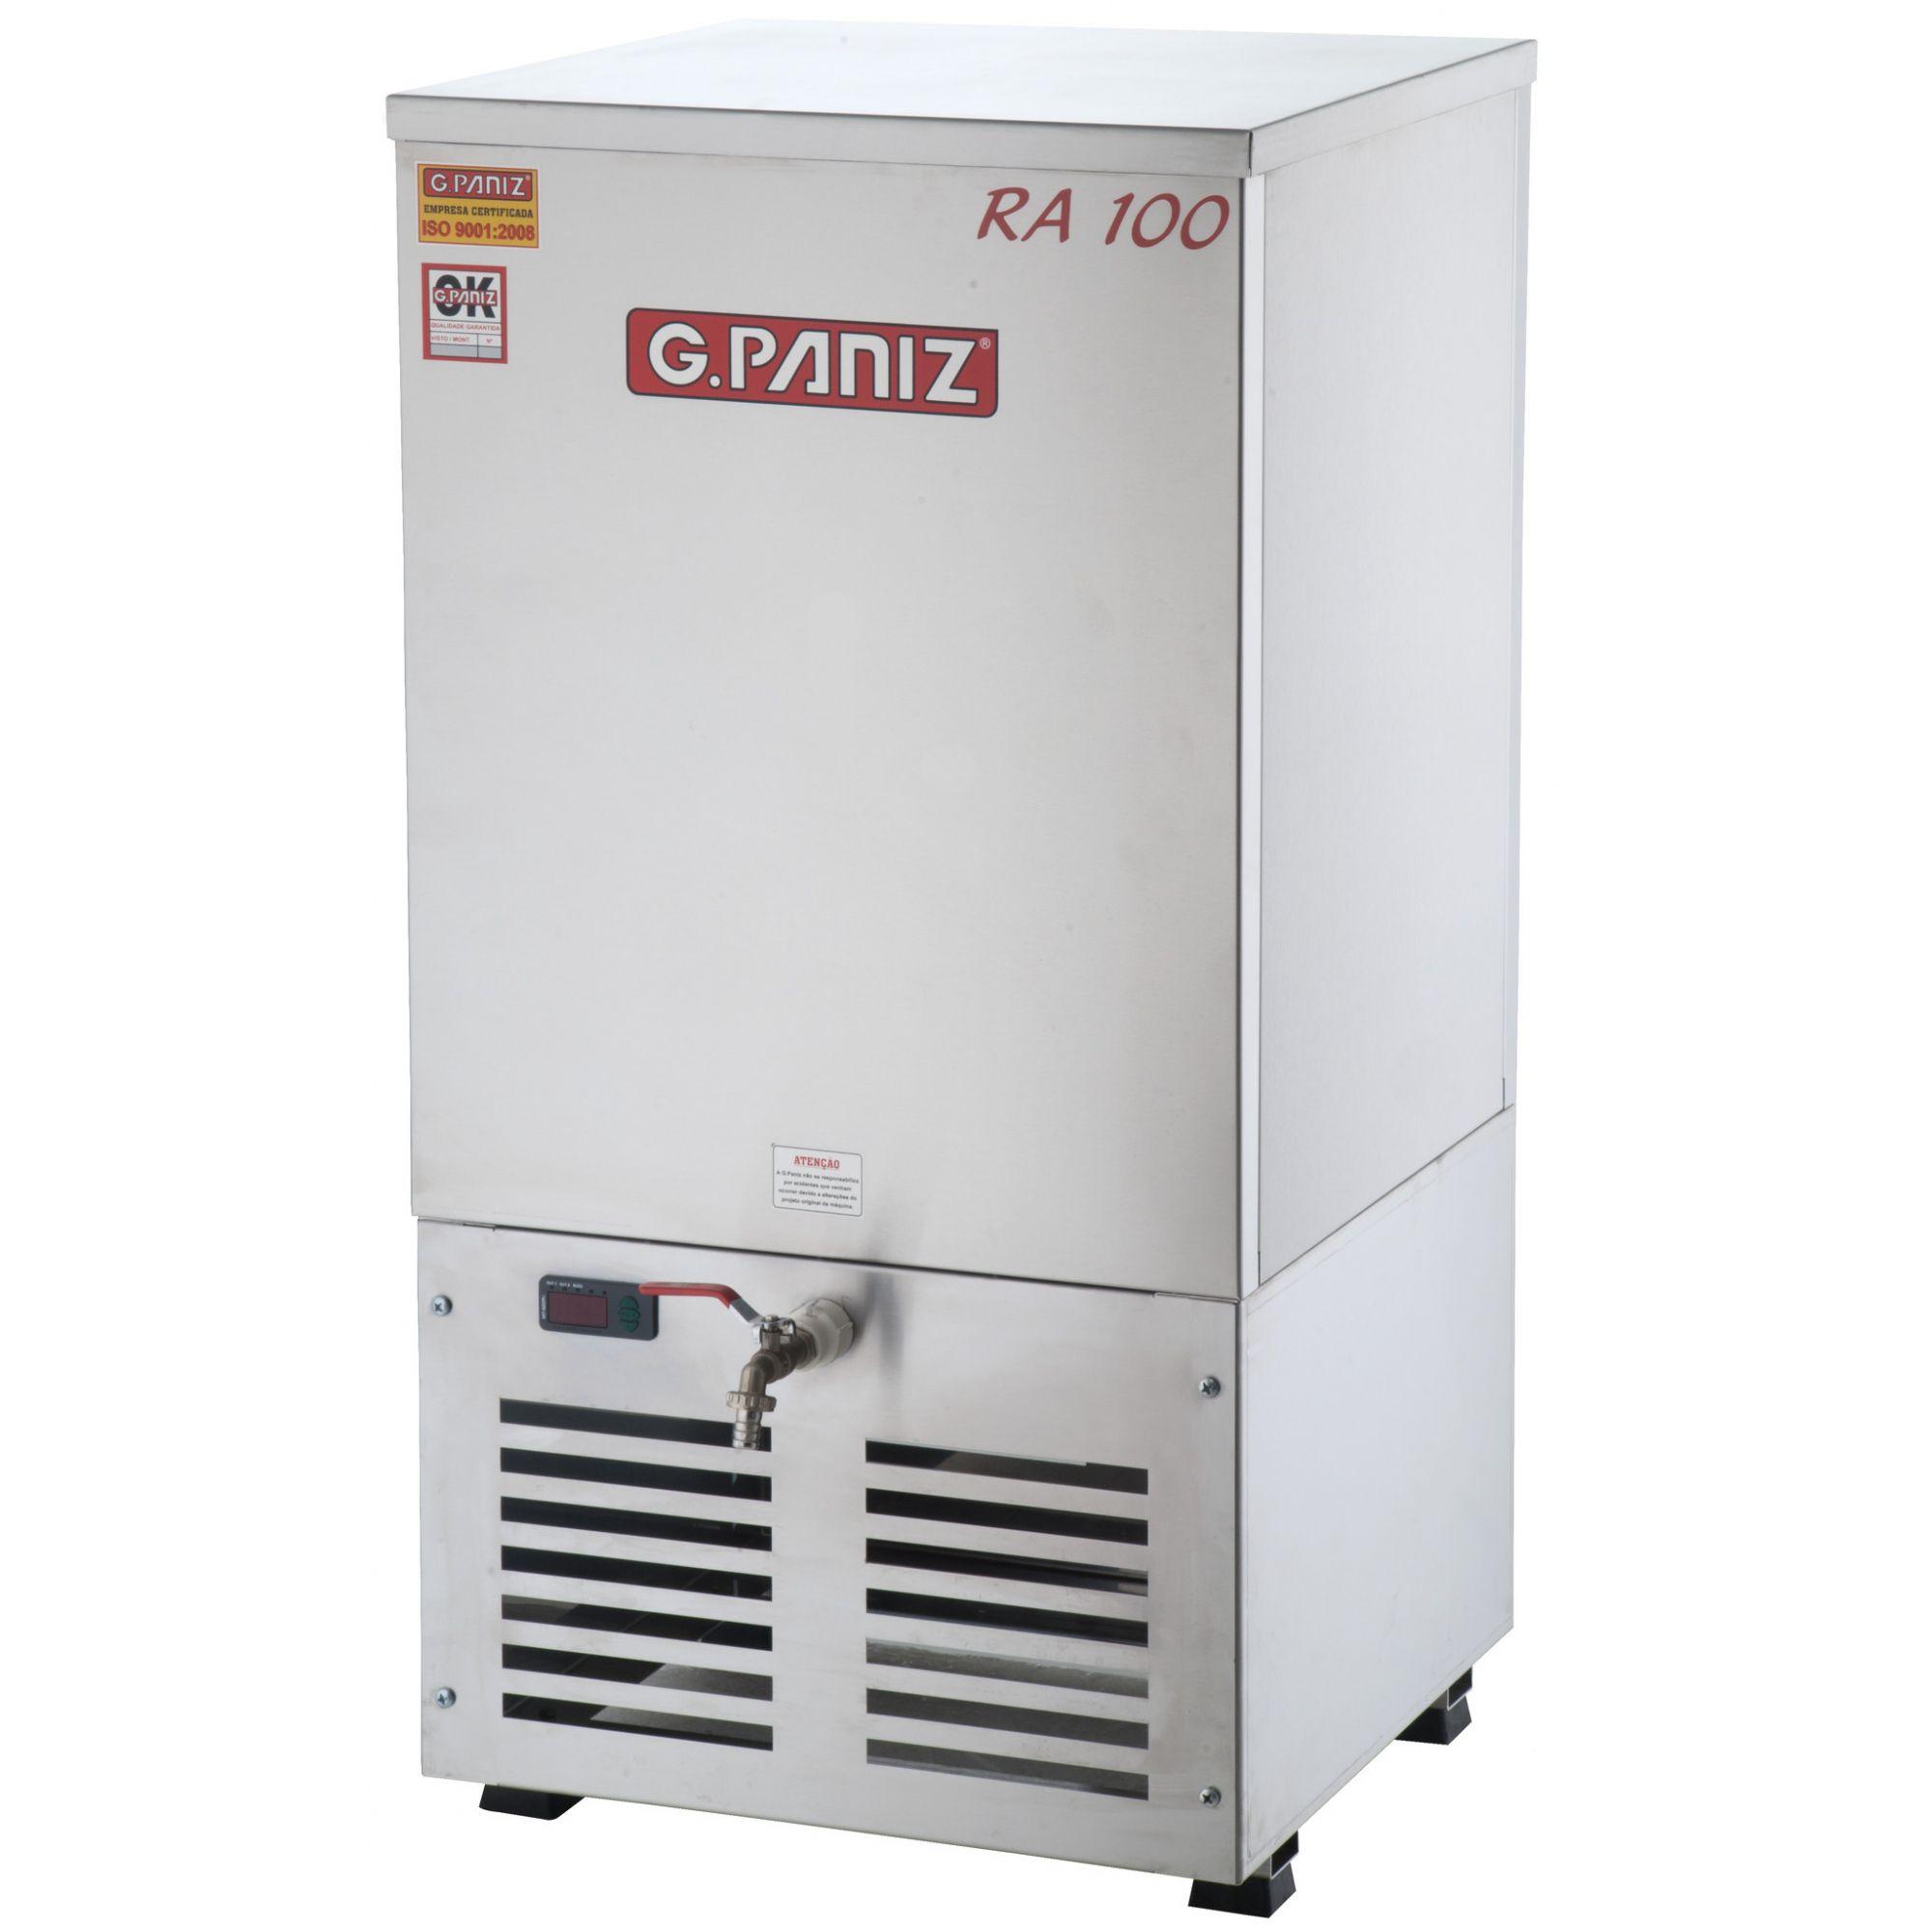 Resfriador de Água 100 Litros em Inox G.Paniz - RA 100 Plus  - Carmel Equipamentos